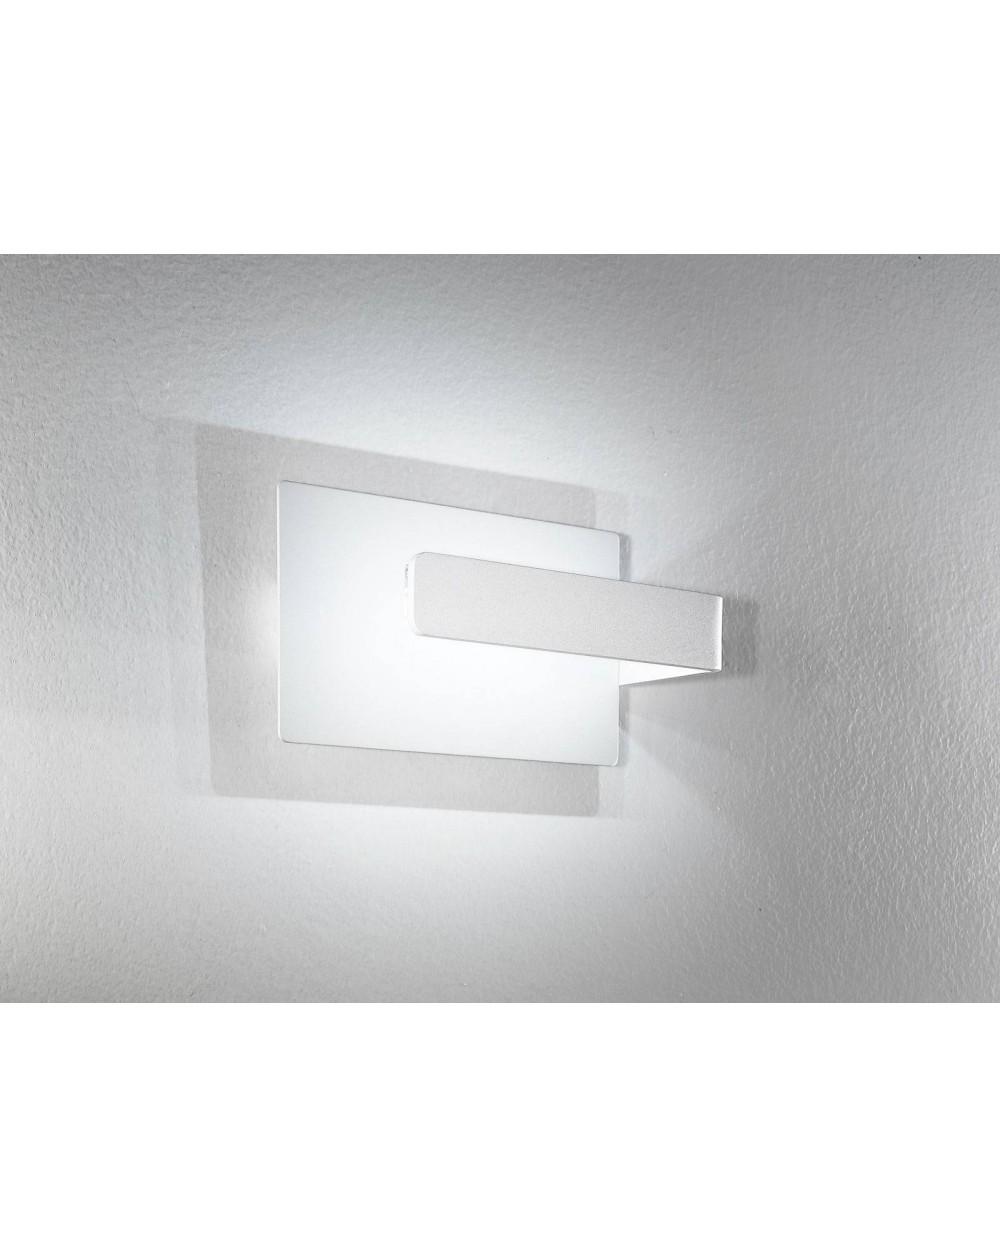 Applique lampade da parete led luce luci roma tuscolana for Lampade a led da interno